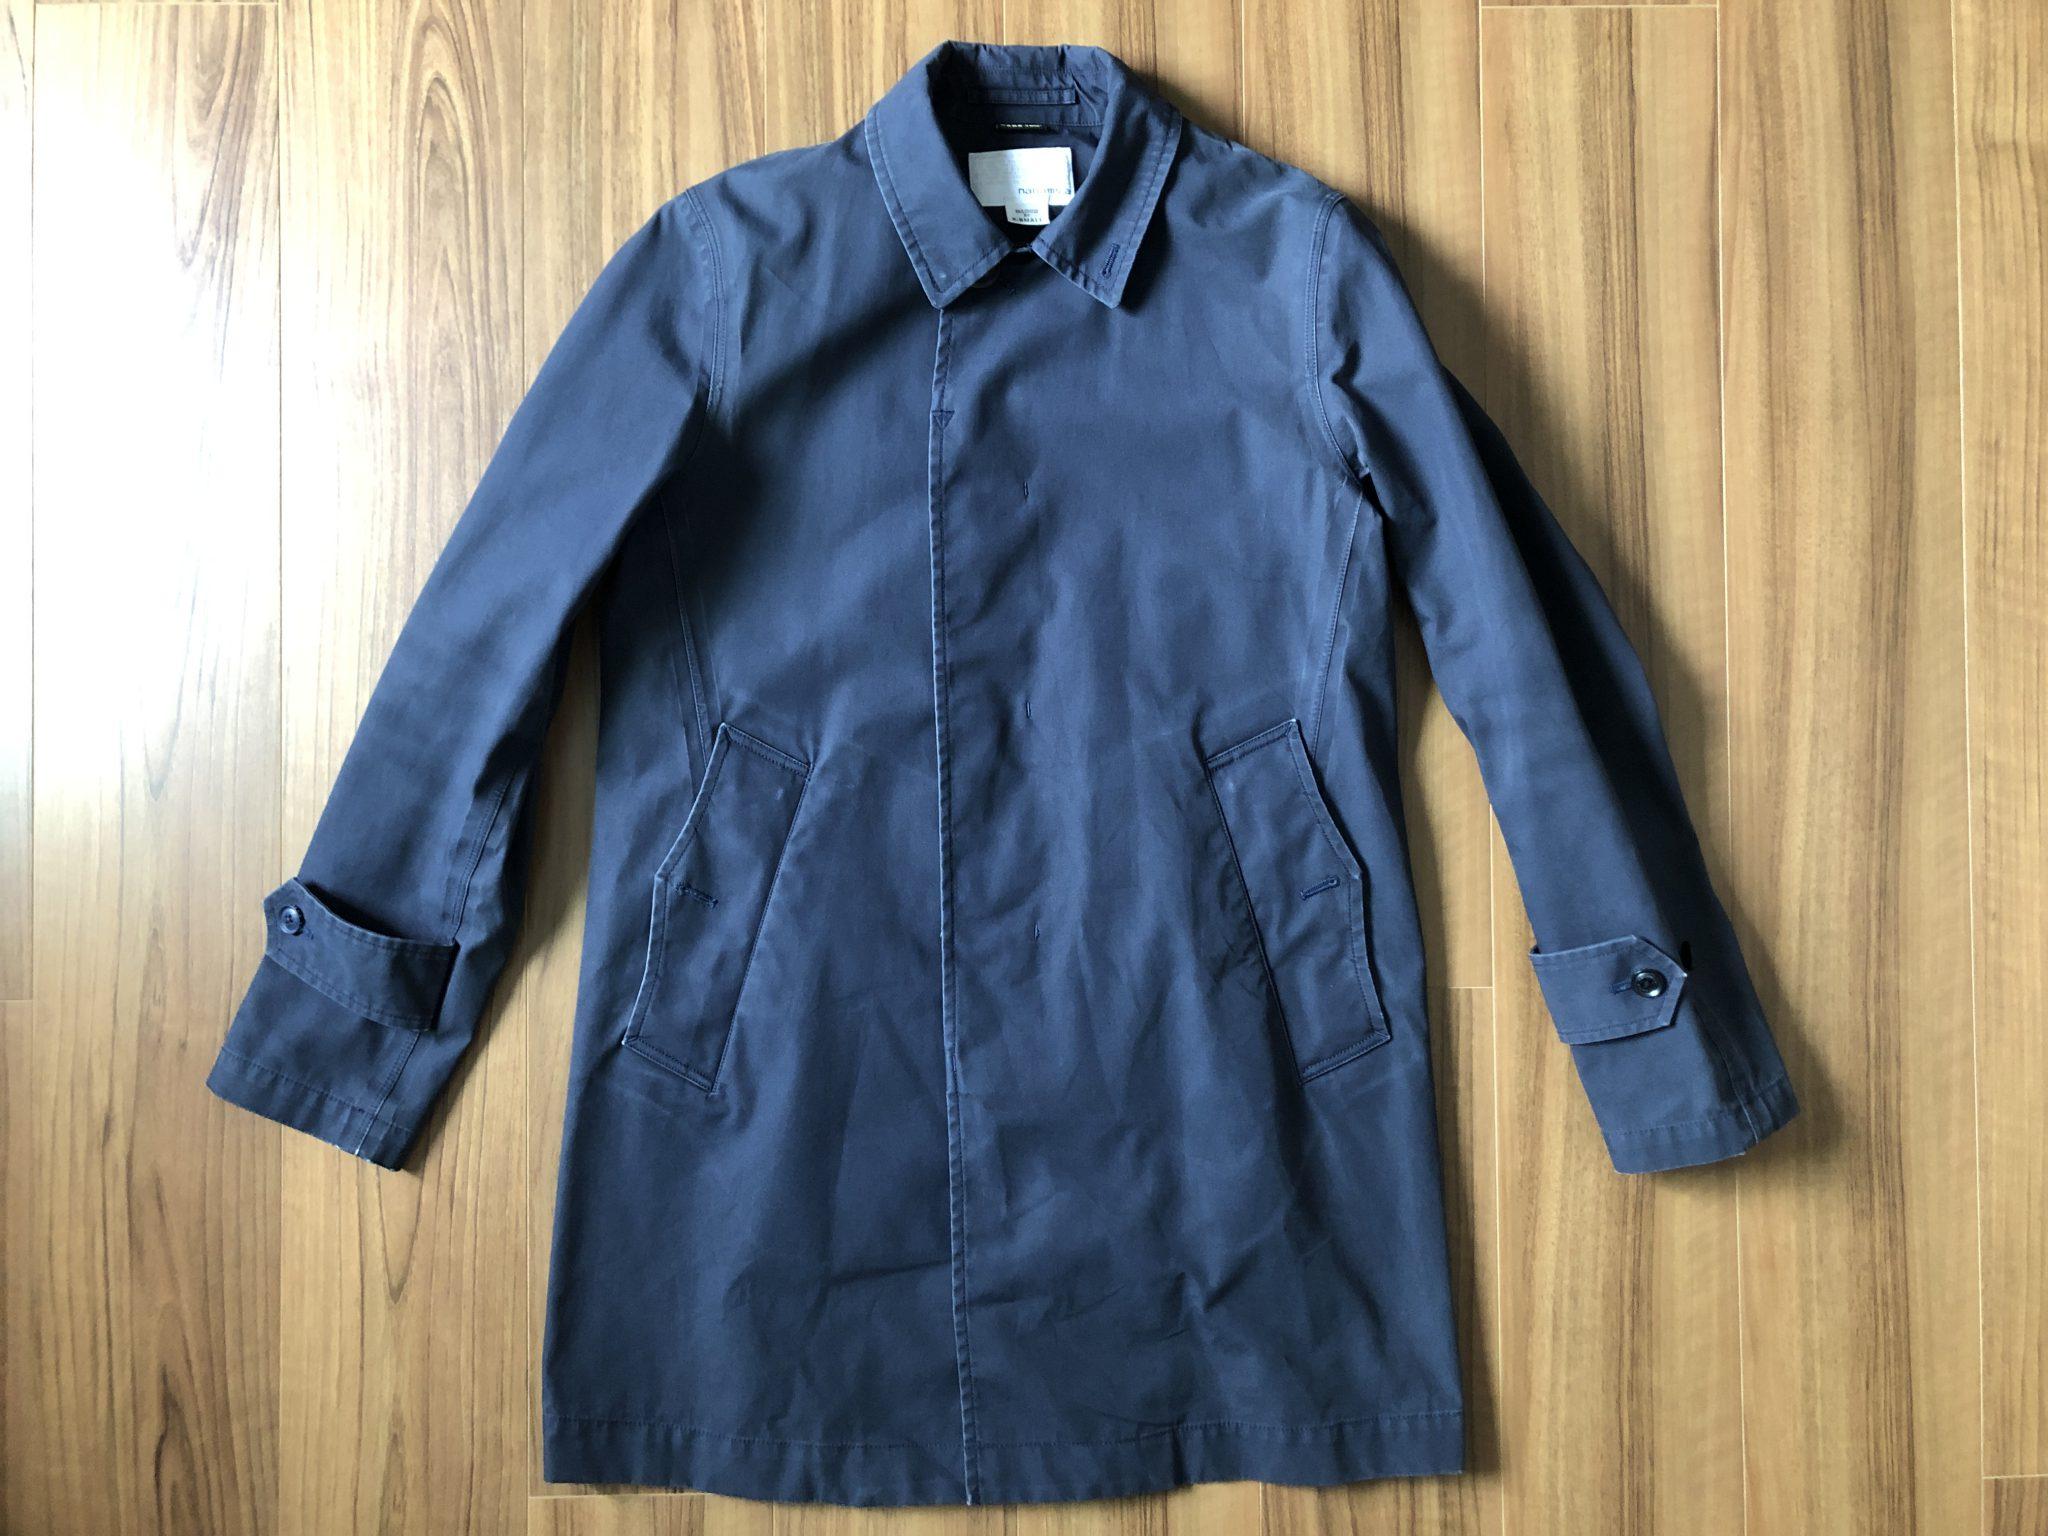 ナナミカ コットンゴアテックス nanamica GORE-TEX クルーザージャケット エイジング 経年変化 ステンカラーコート ネイビー 2年 全体観